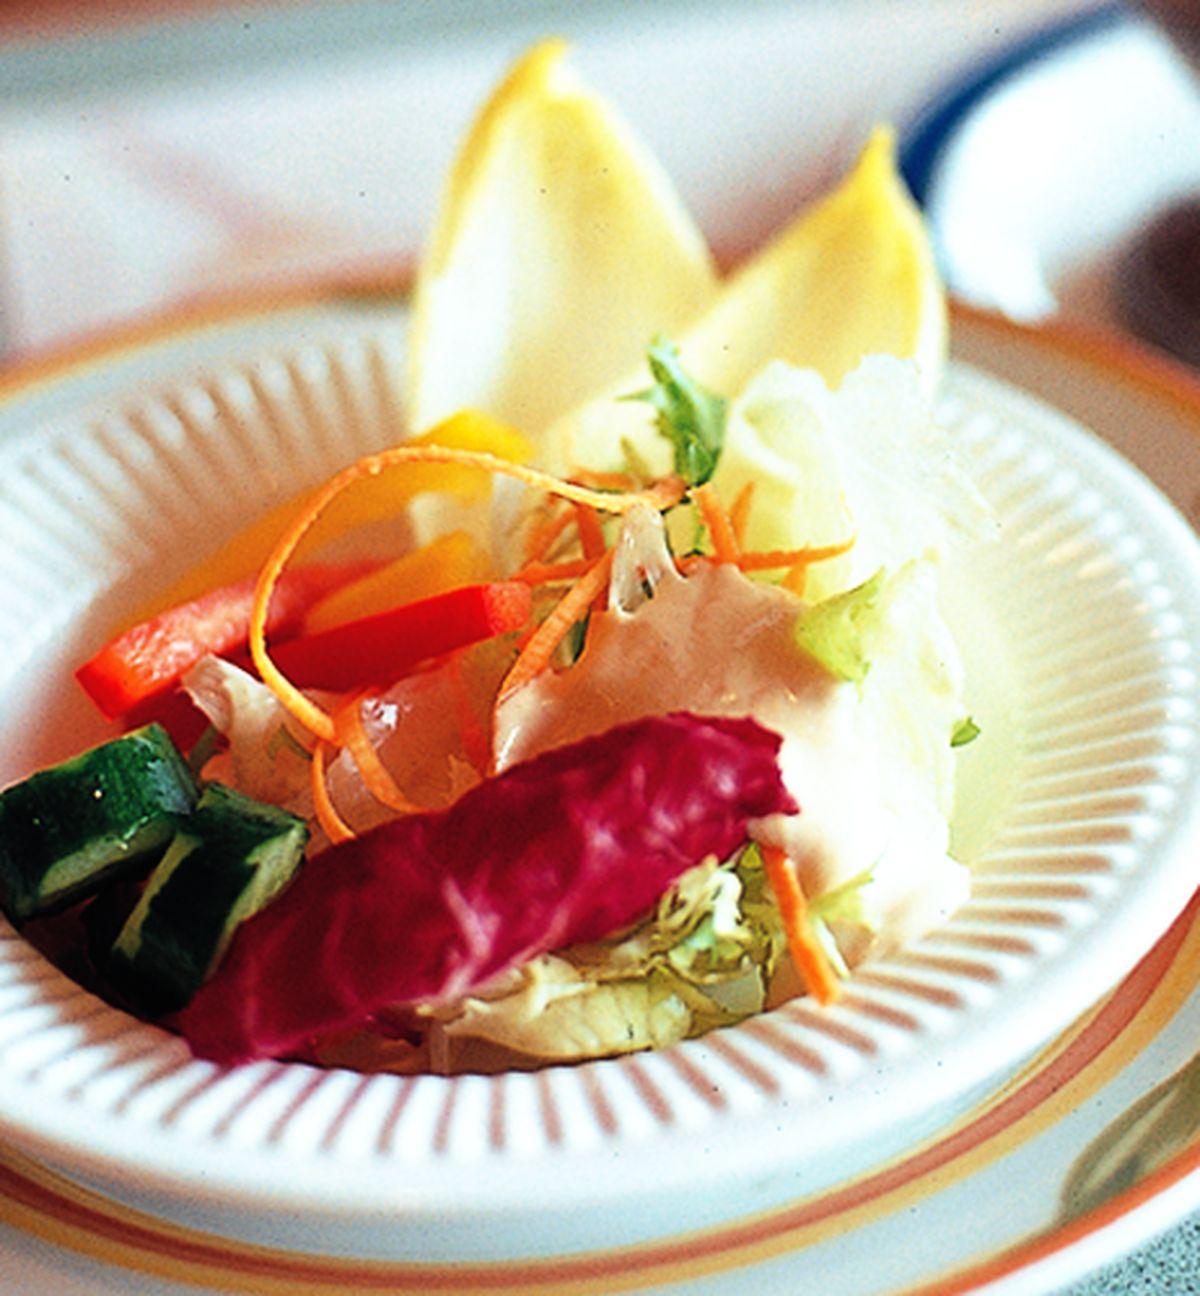 食譜:豆腐窈窕瘦身醬